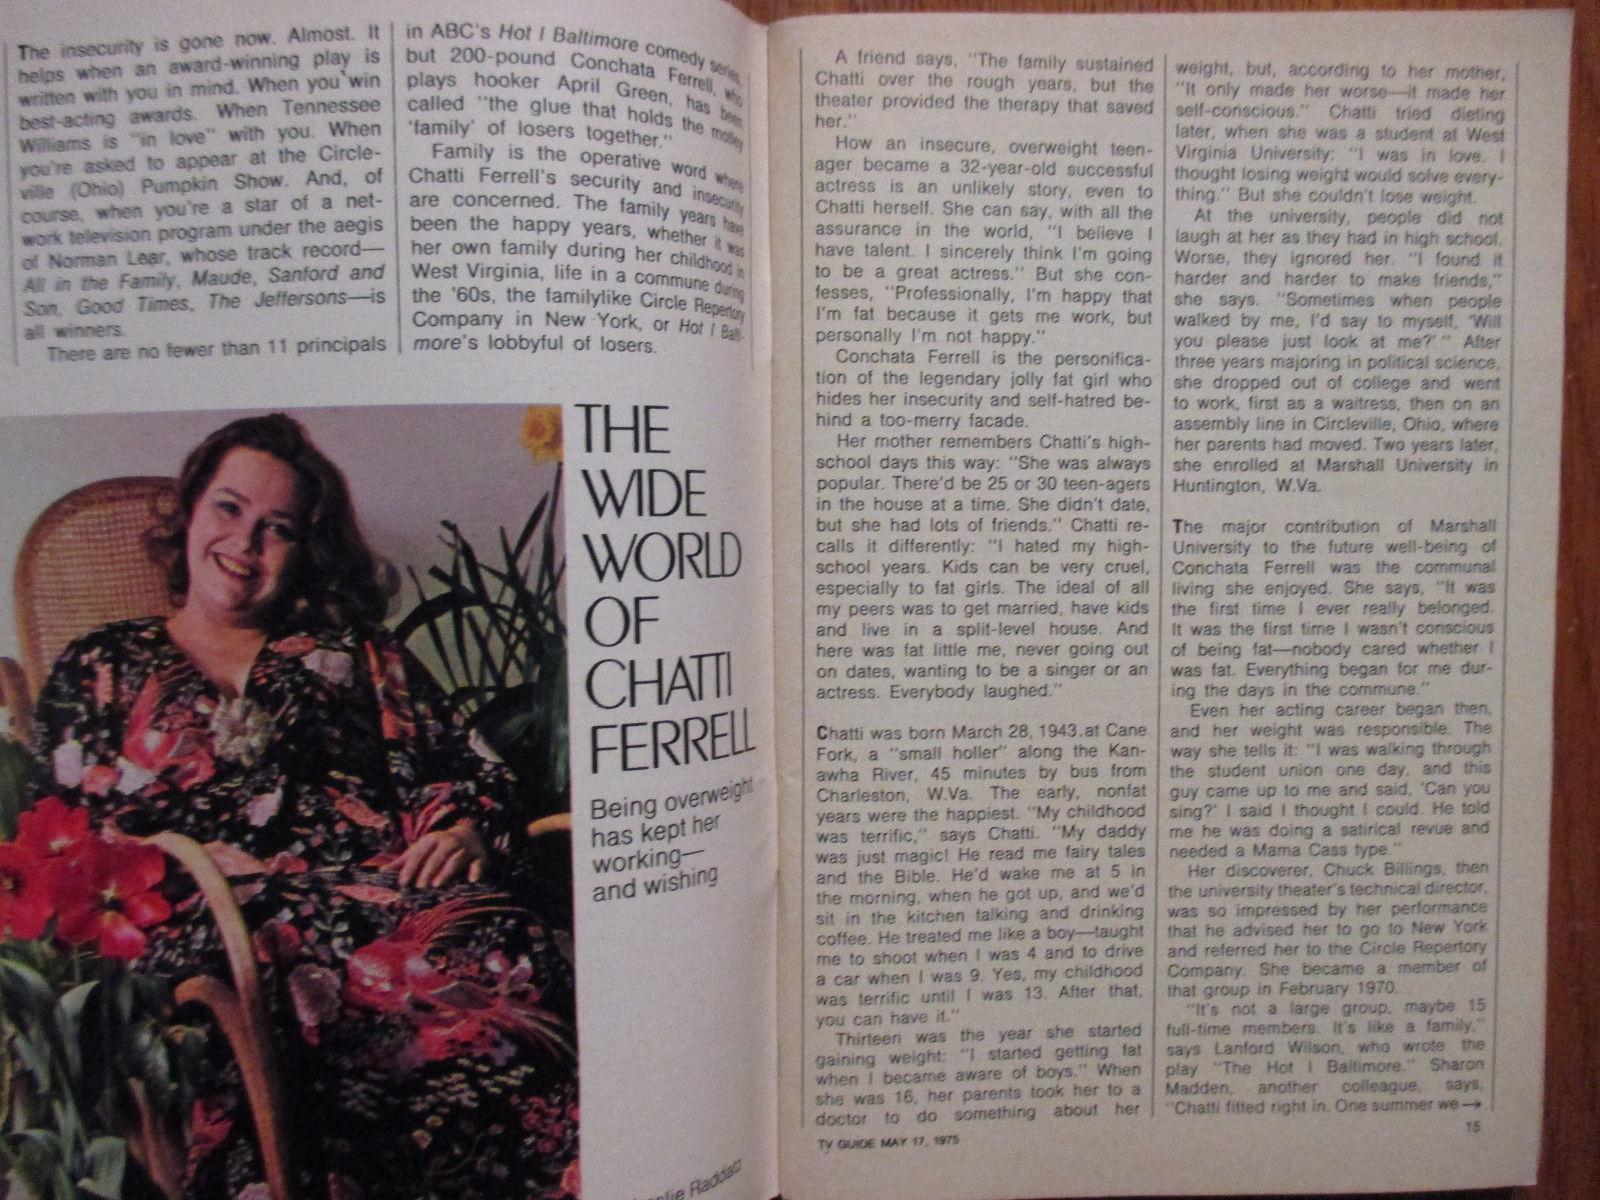 1975_TV_Guide_CHATTI_FER1